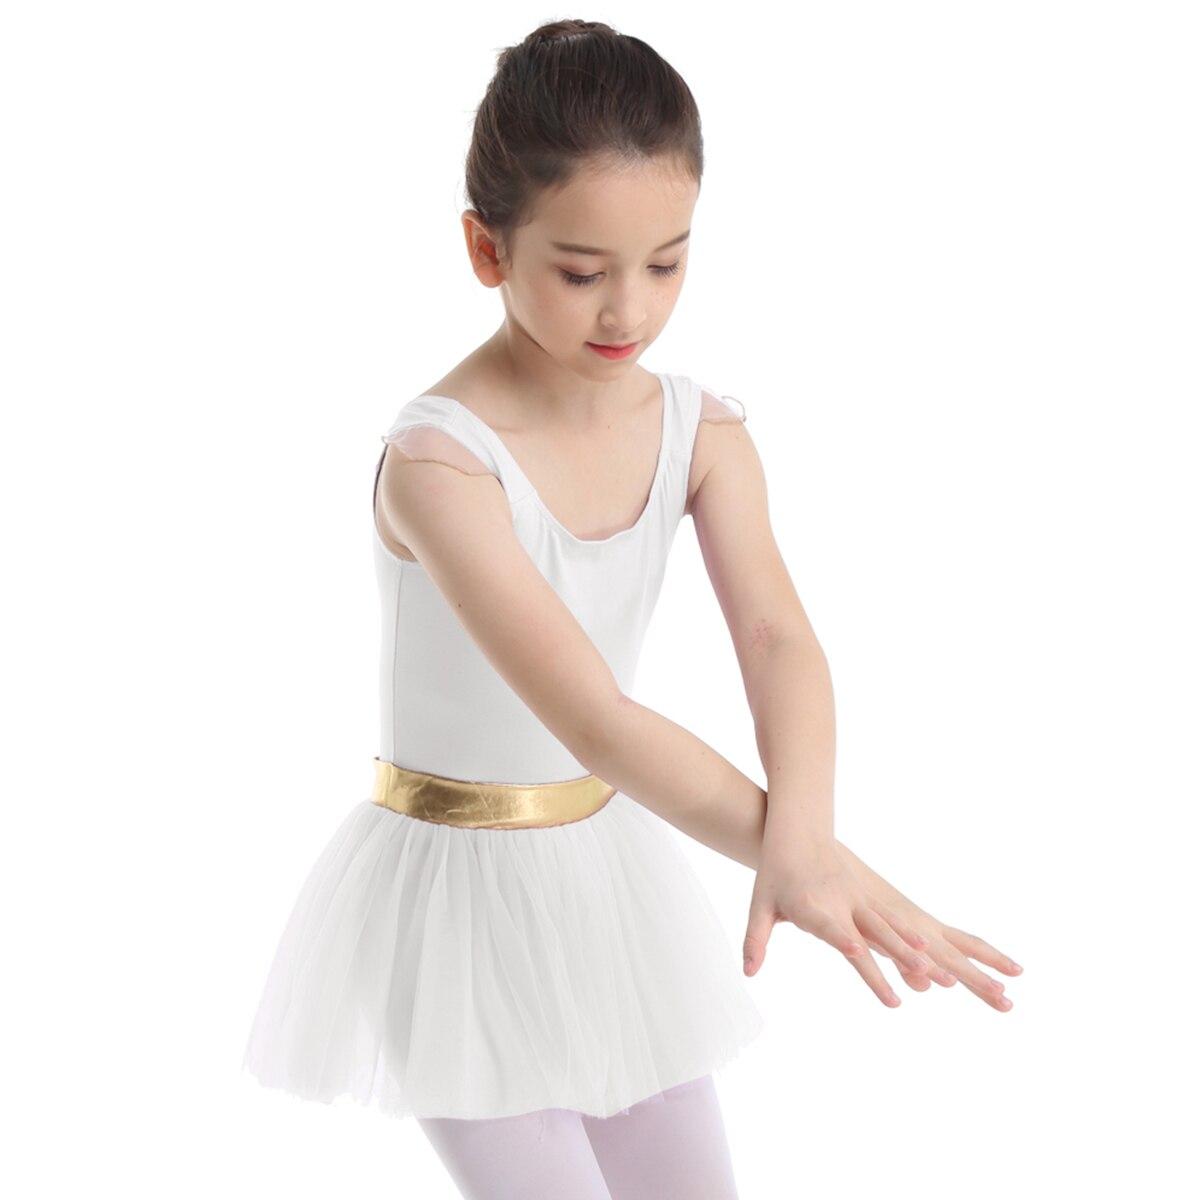 Girls Gold Waist Ballet Dance Gymnastics Leotard Tutu Dress Kids Mesh Dancewear